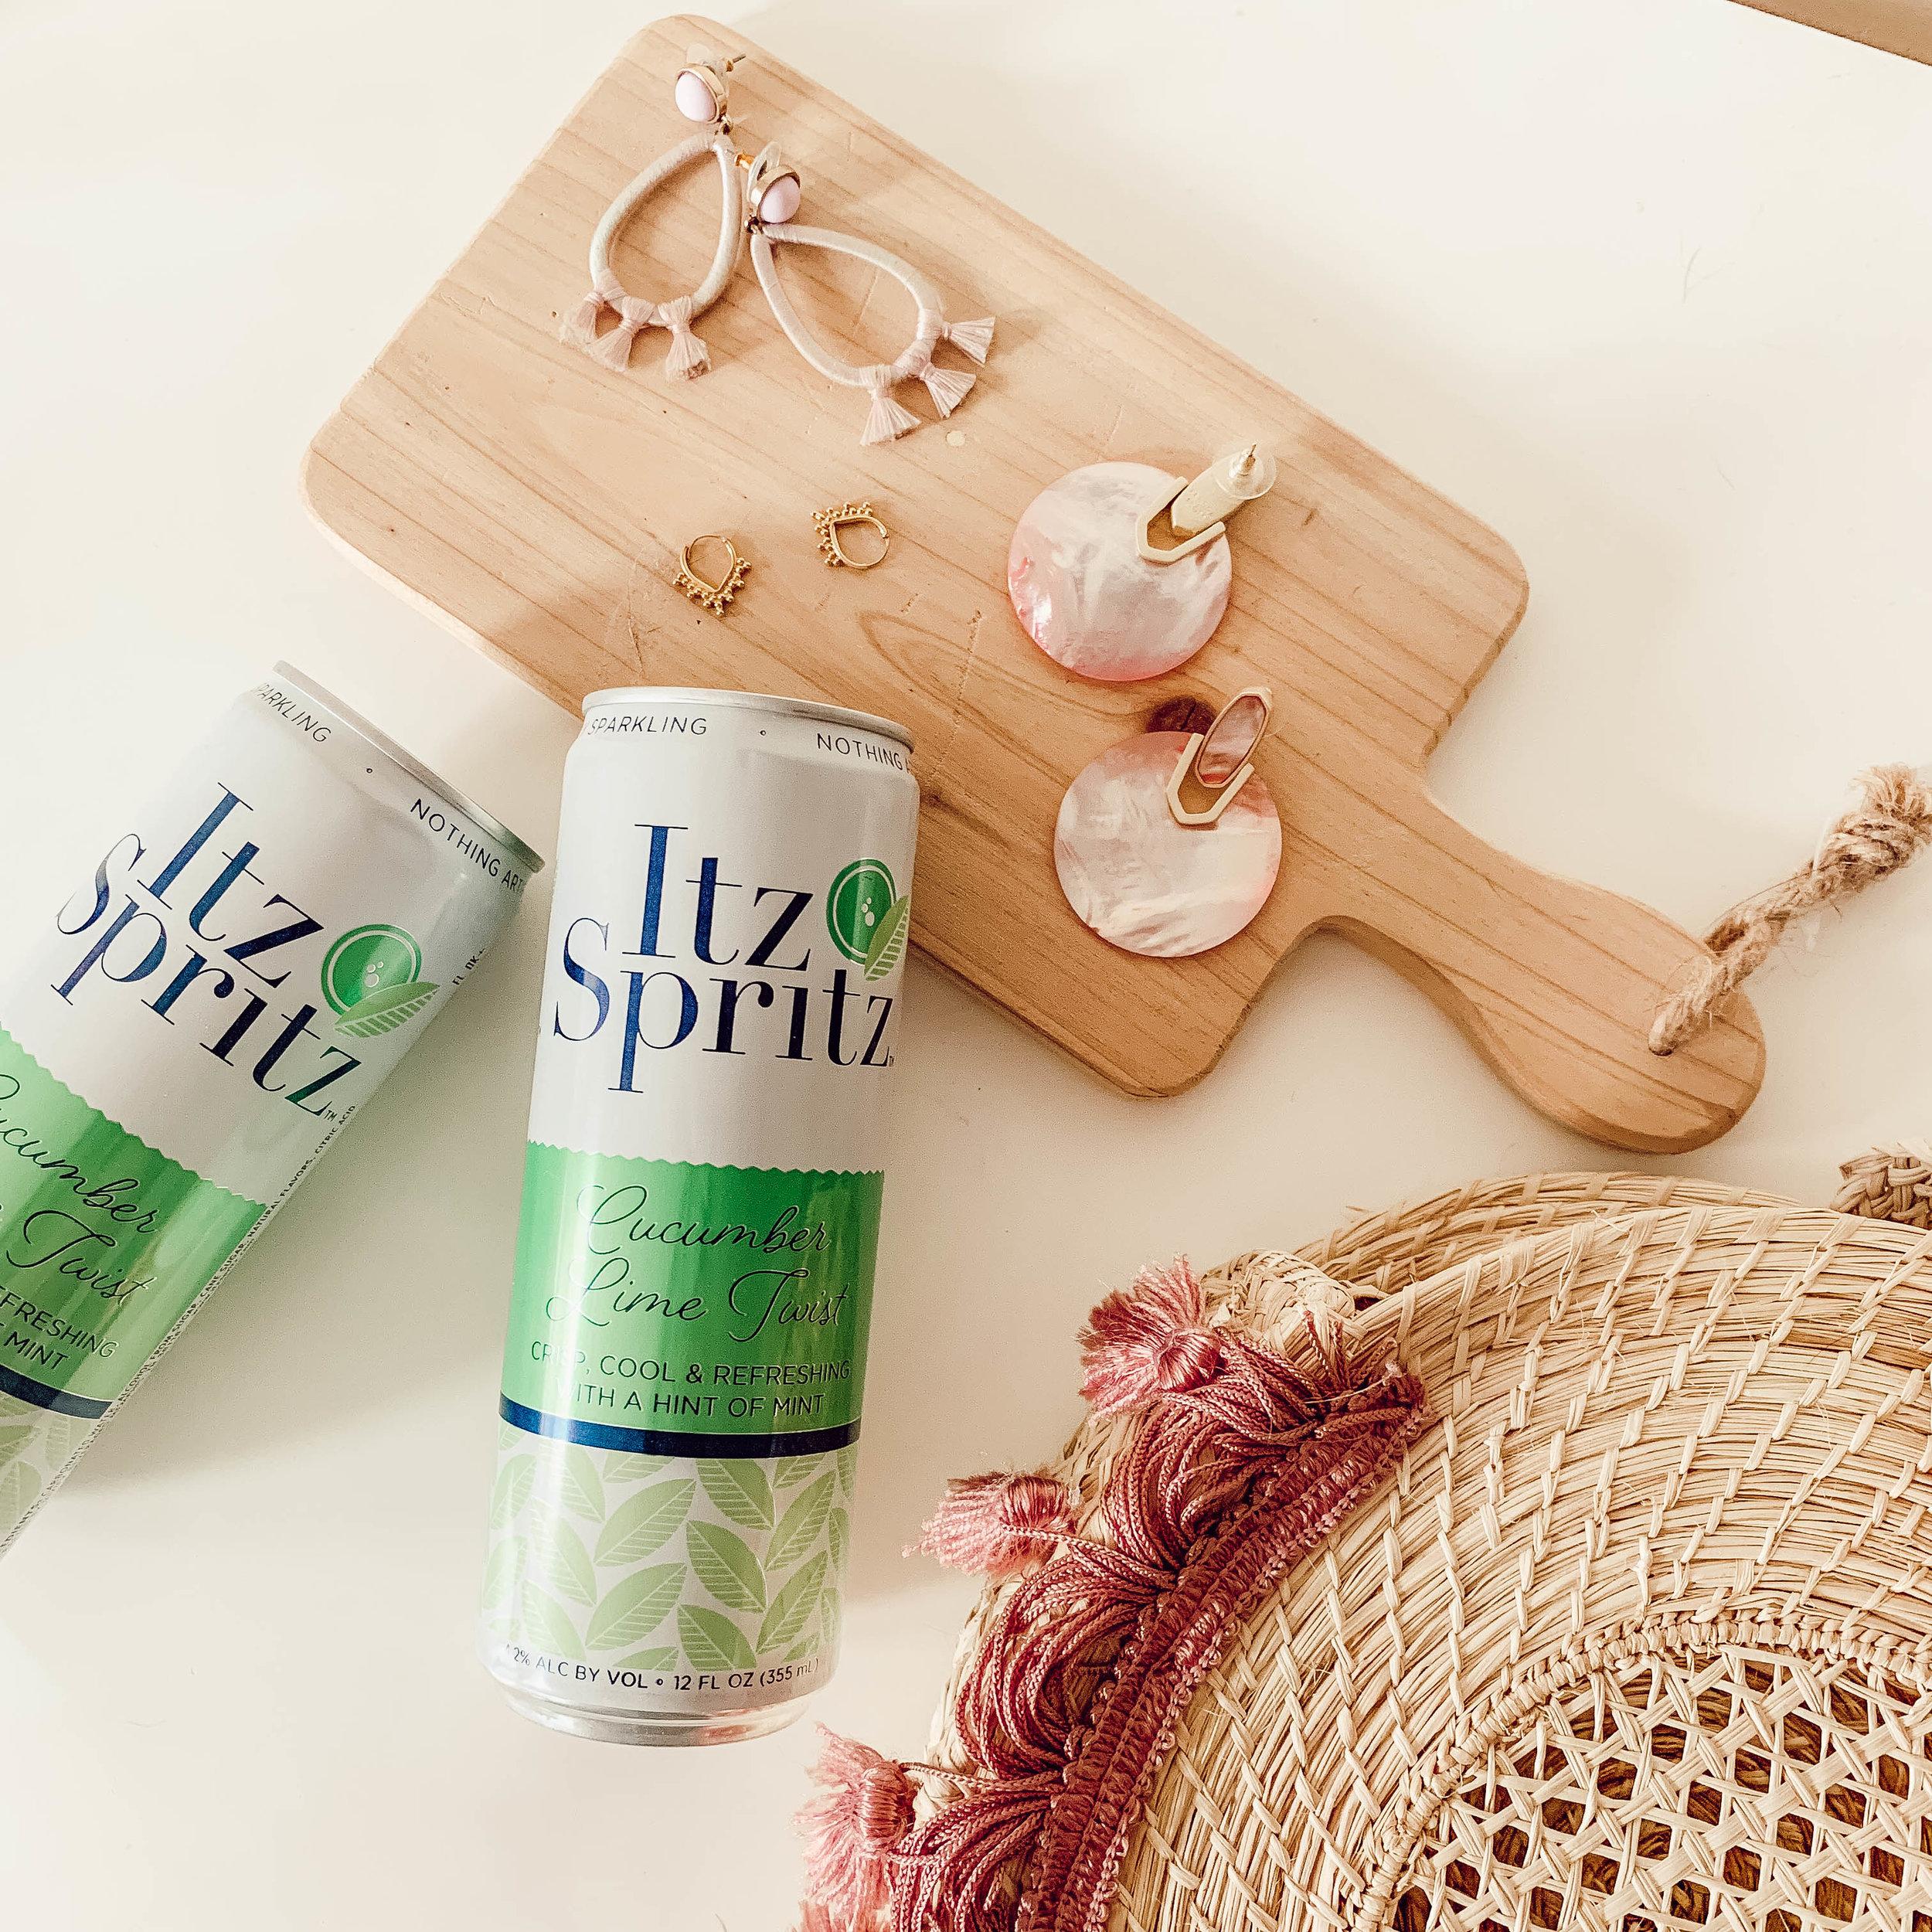 Springtime Essentials with Itz Spritz (via @maevestier)